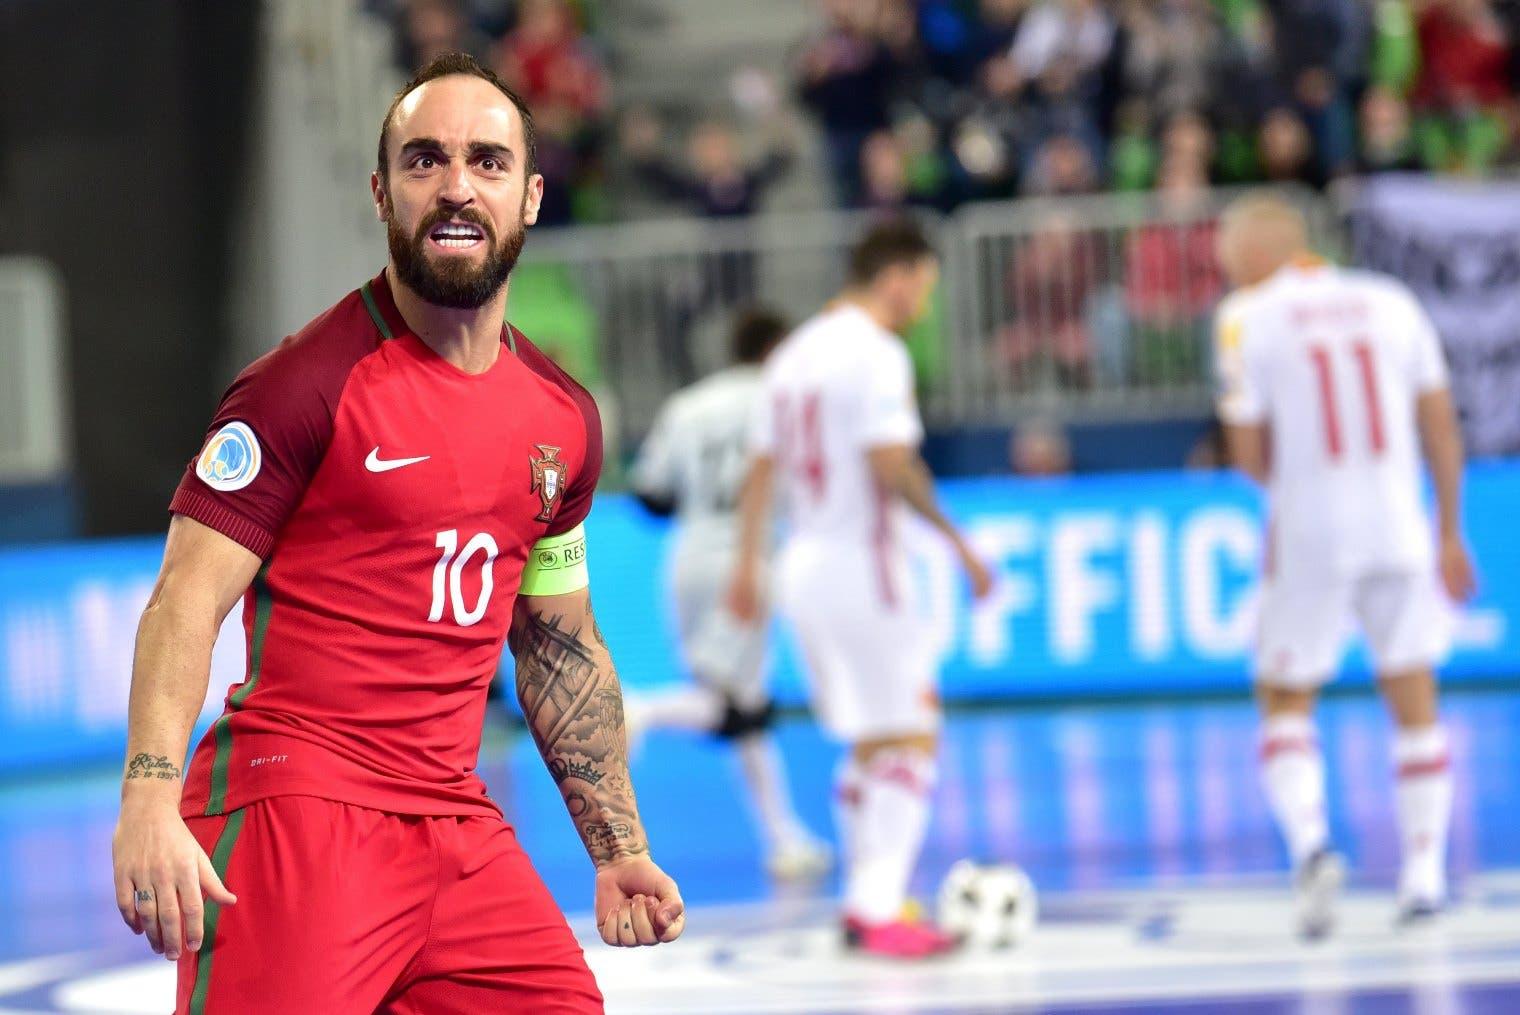 A referência. A determinação do capitão português que abriu o caminho da vitória antes da lesão. (Foto: Igor Kupljenik - EPA)